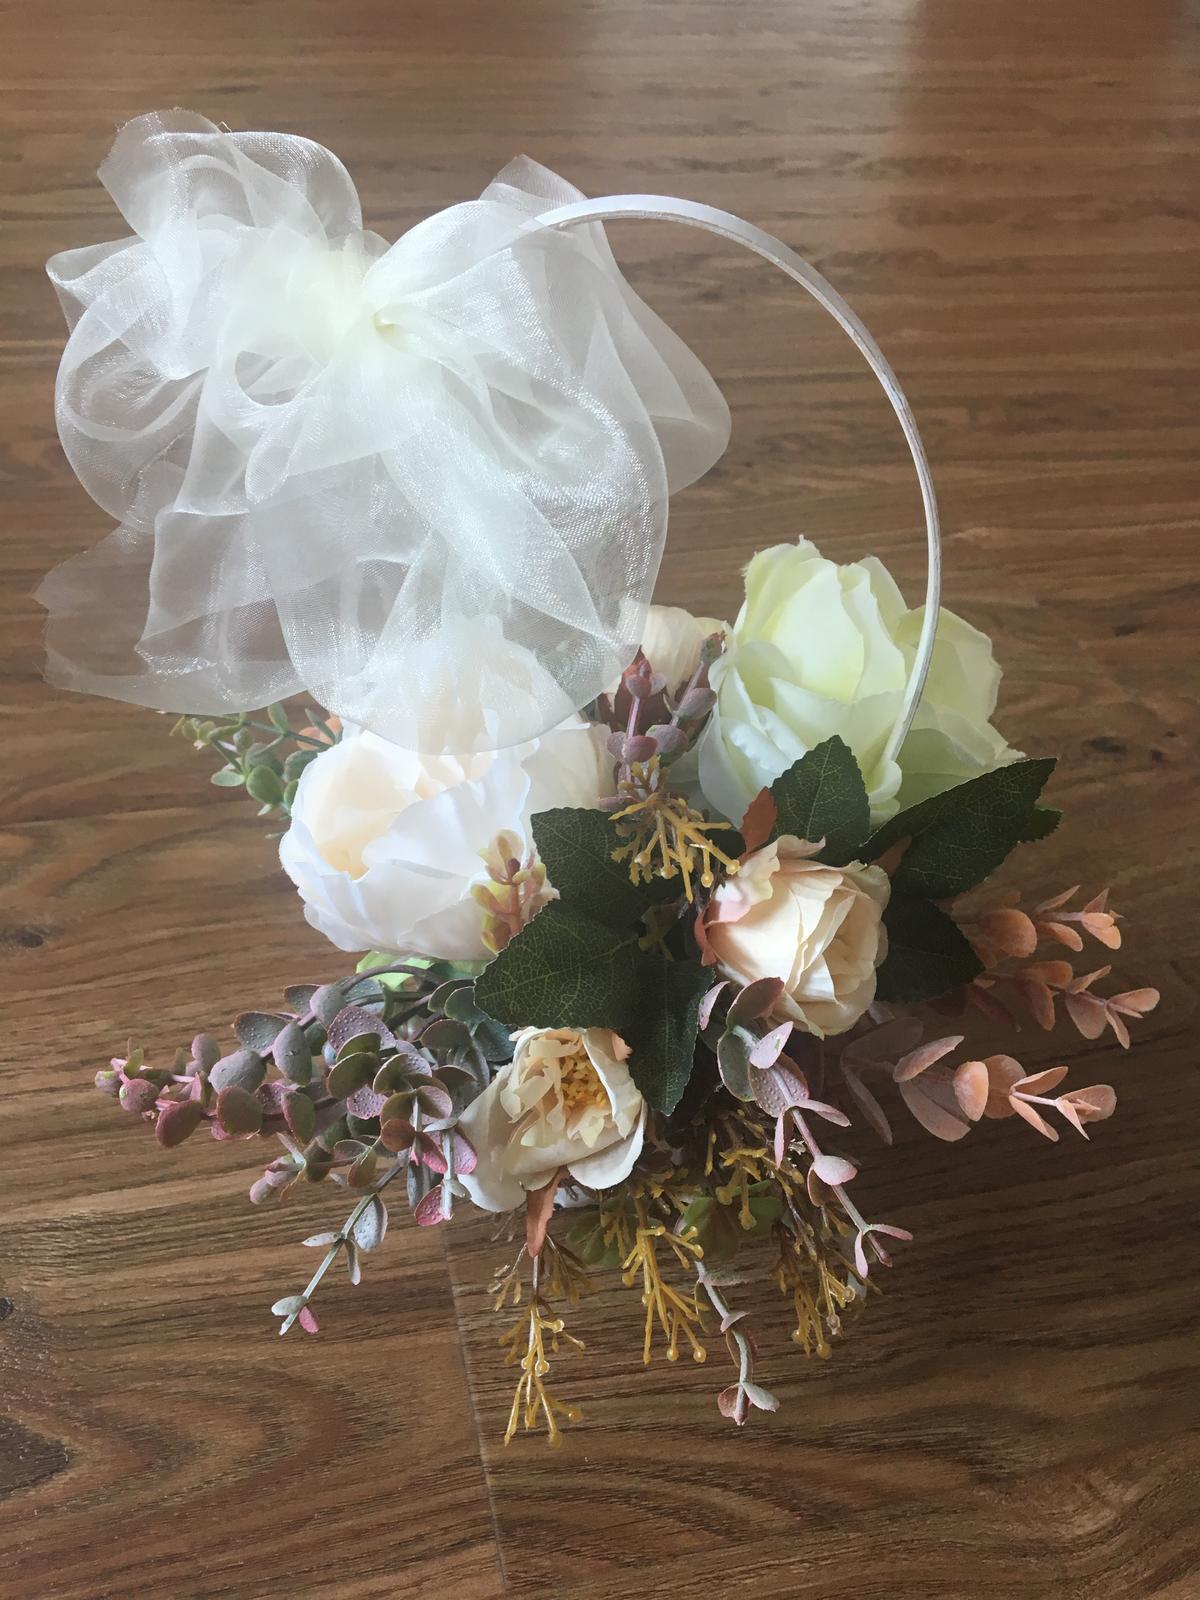 Košíčky s květinami 6ks - Obrázek č. 1